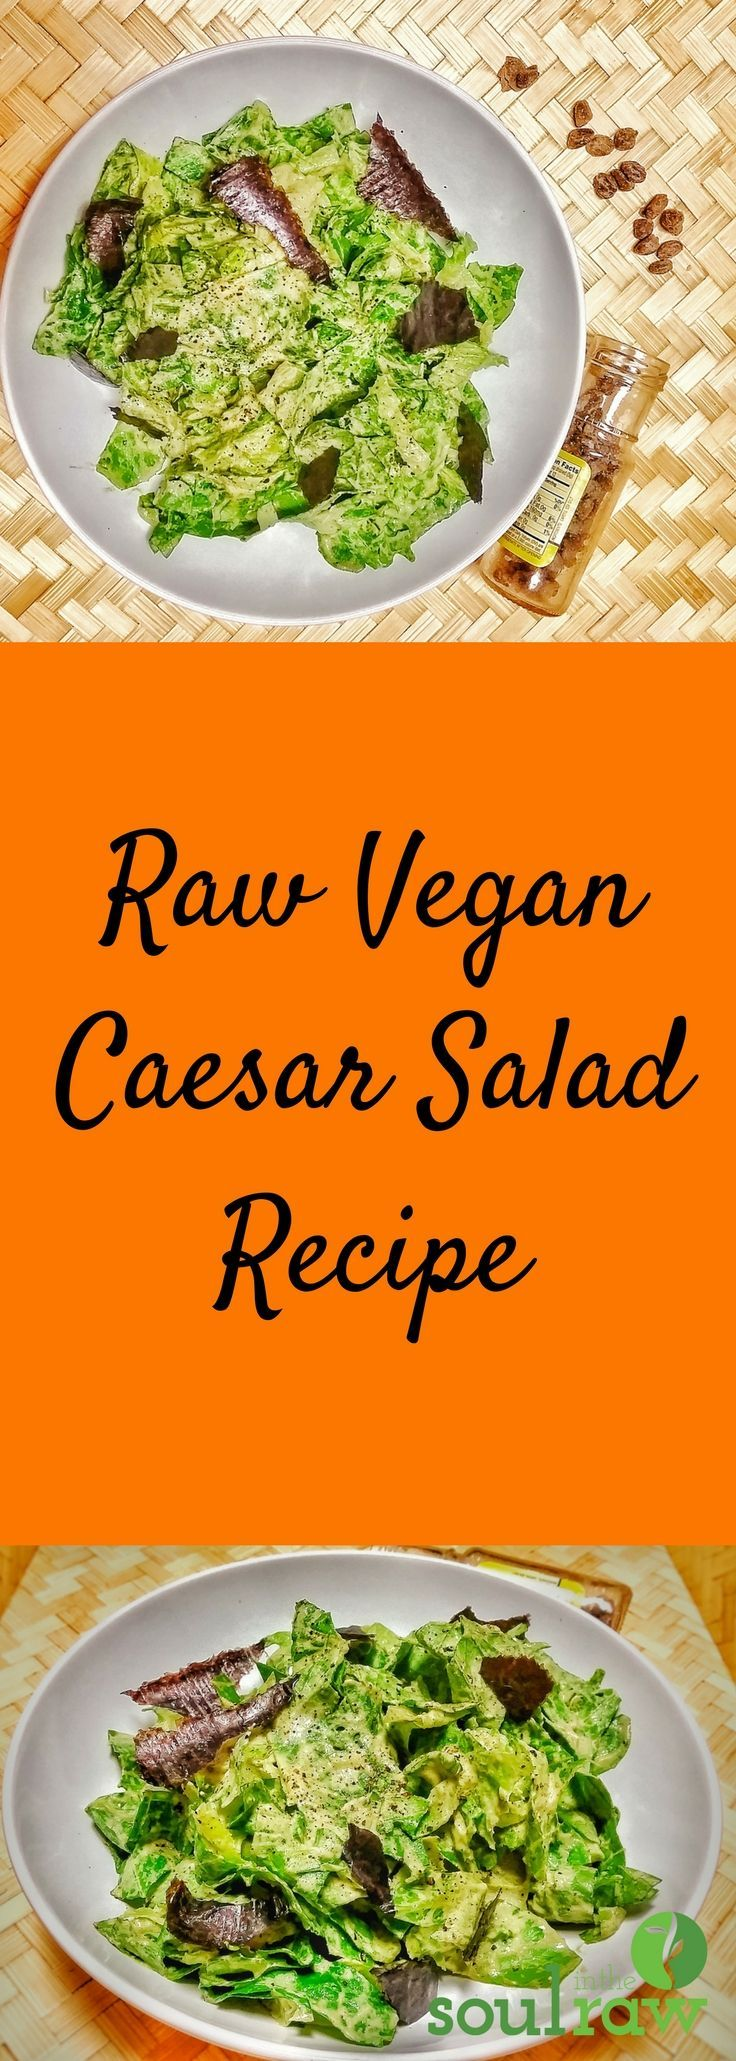 Raw Vegan Caesar Salad